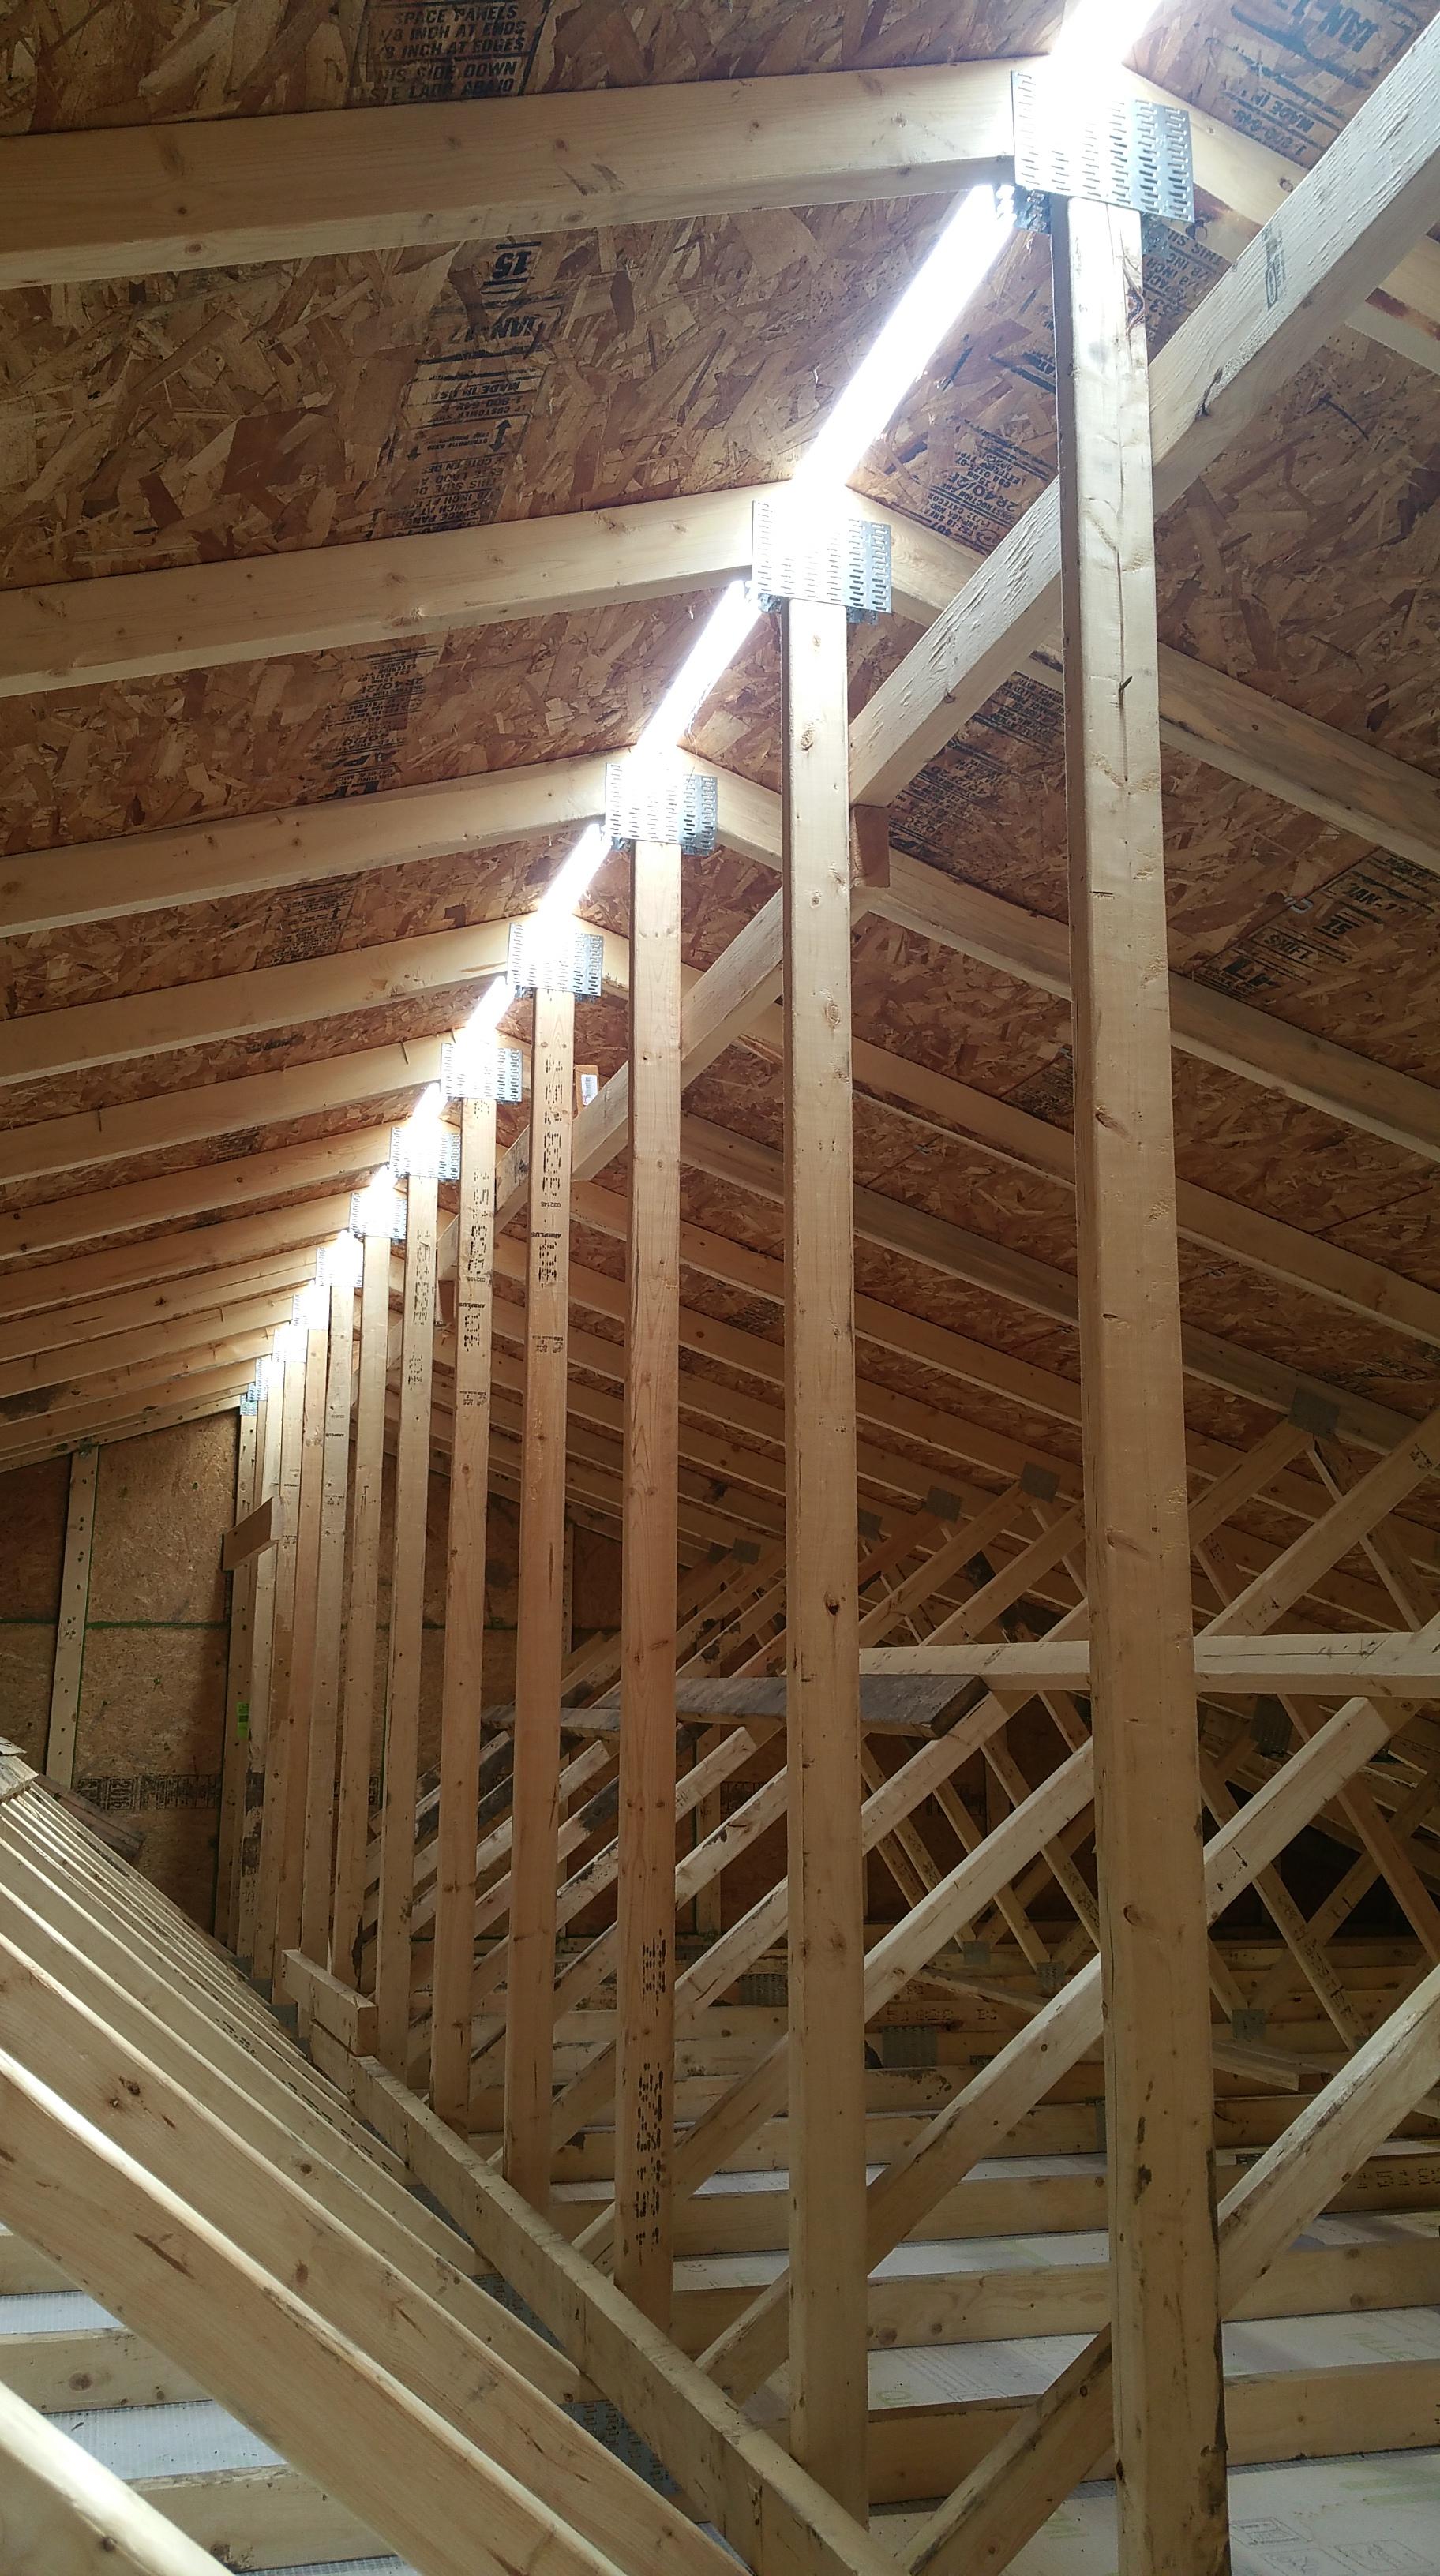 attic just before ridge vent installed